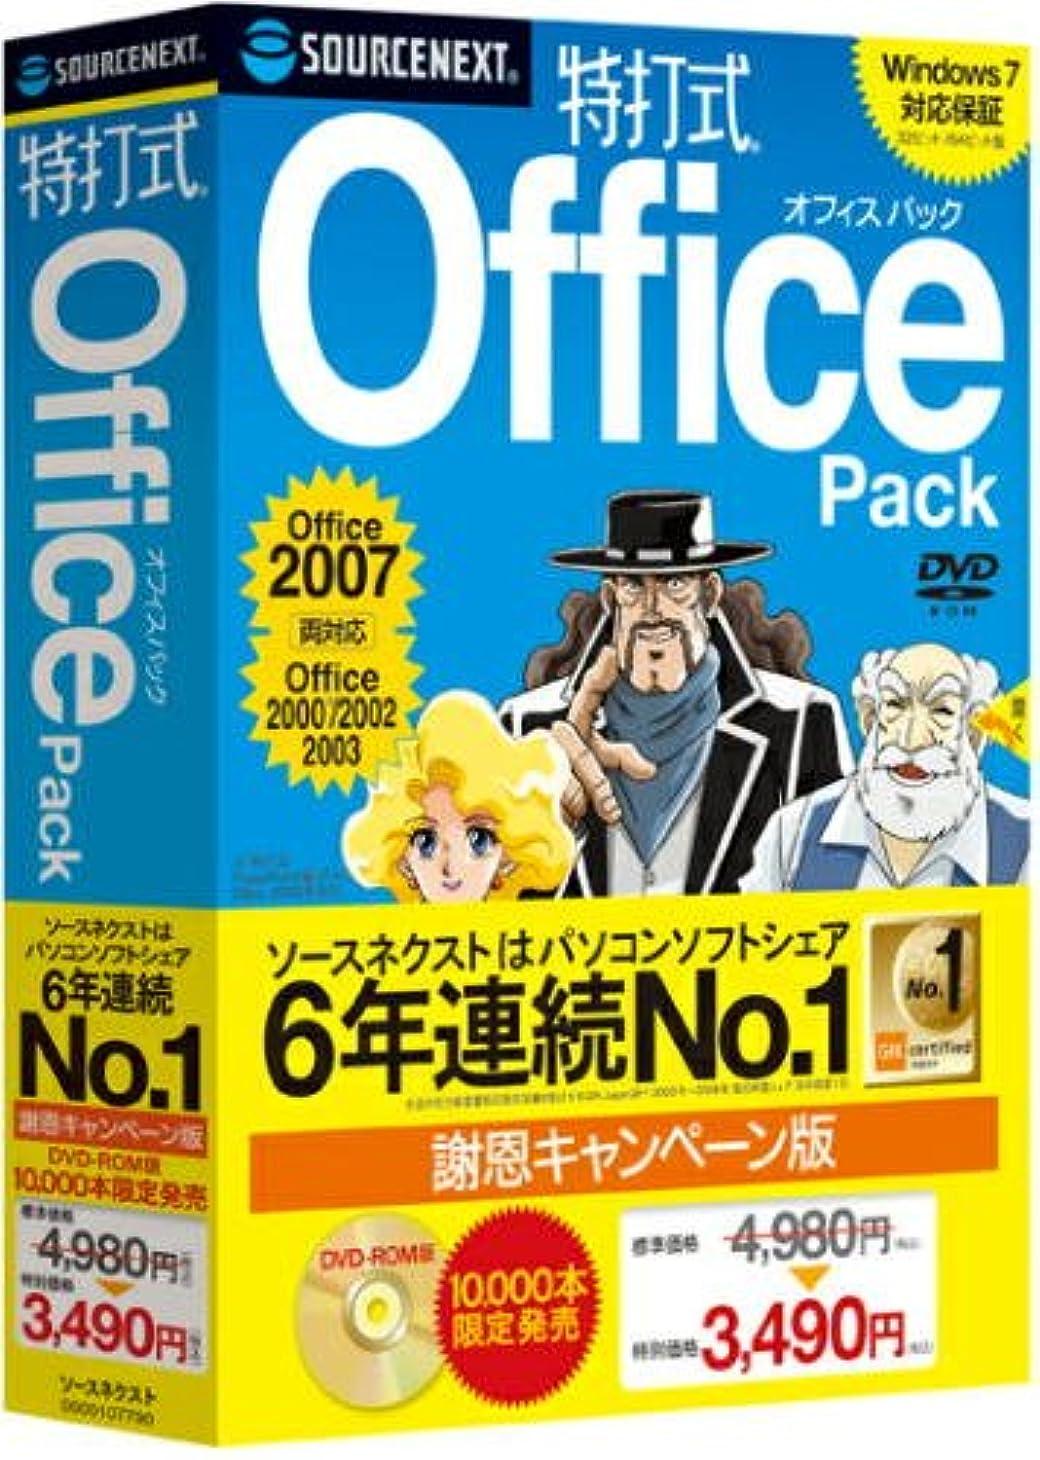 バット比べる変形特打式 Office Pack 謝恩キャンペーン版